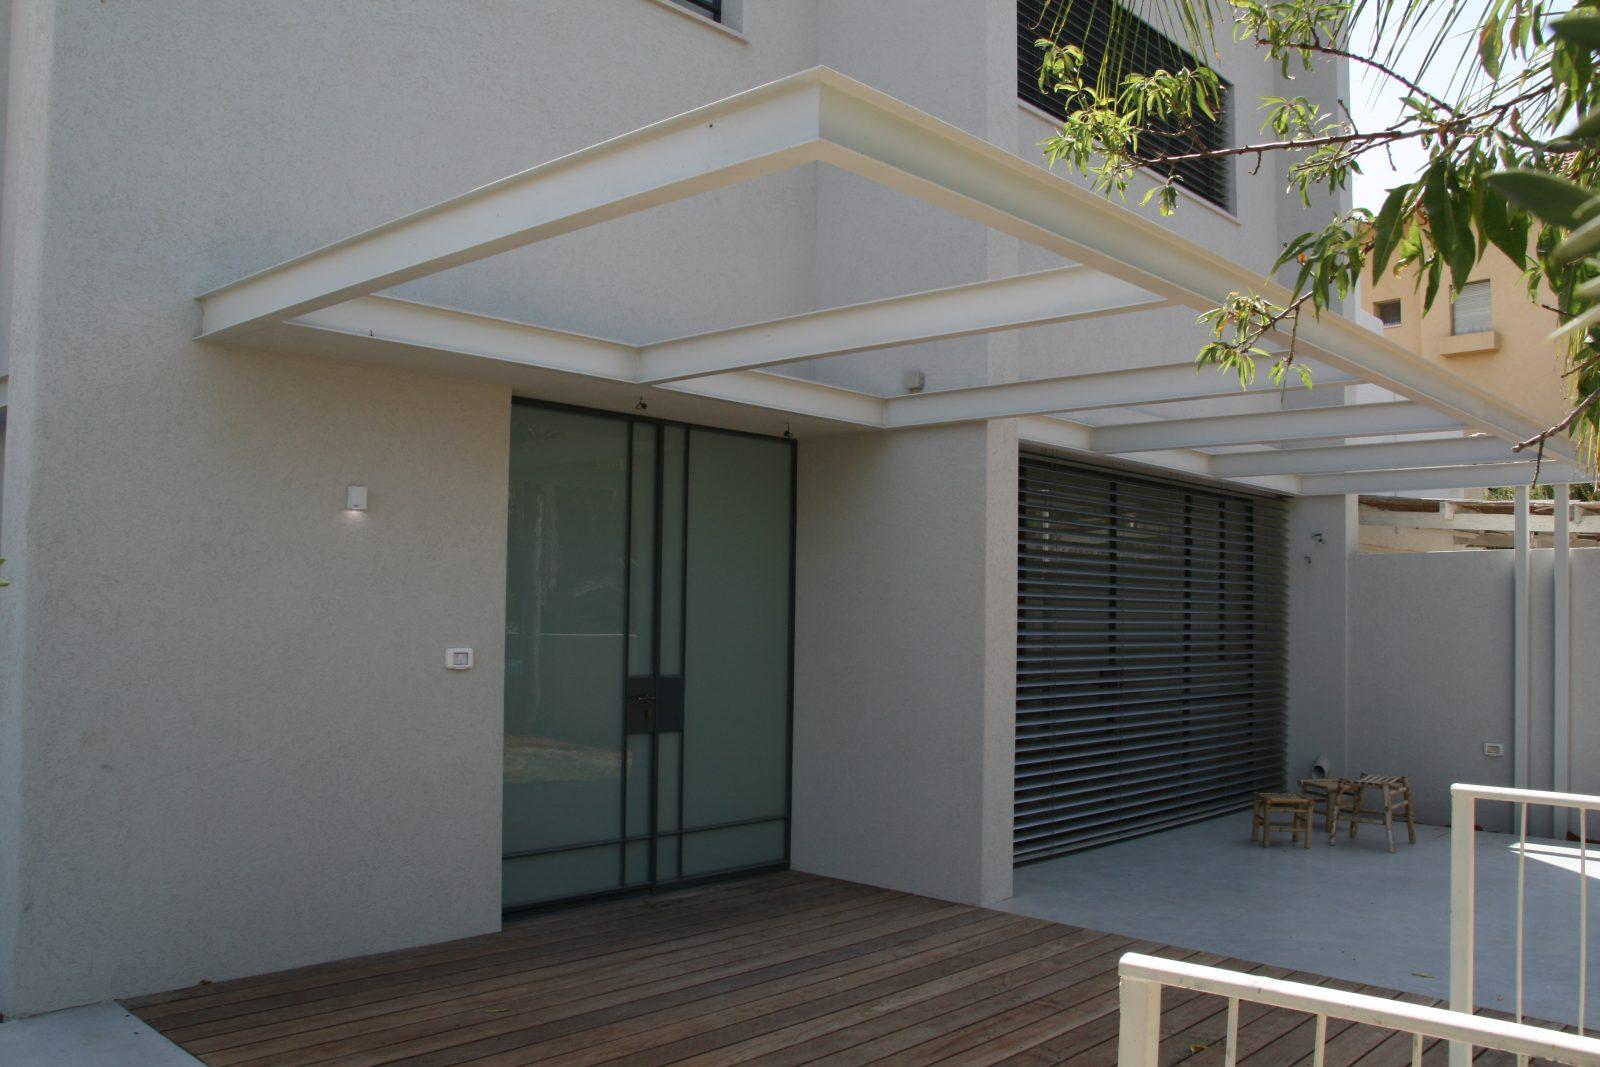 עיצוב אדריכלי בטון ועץ